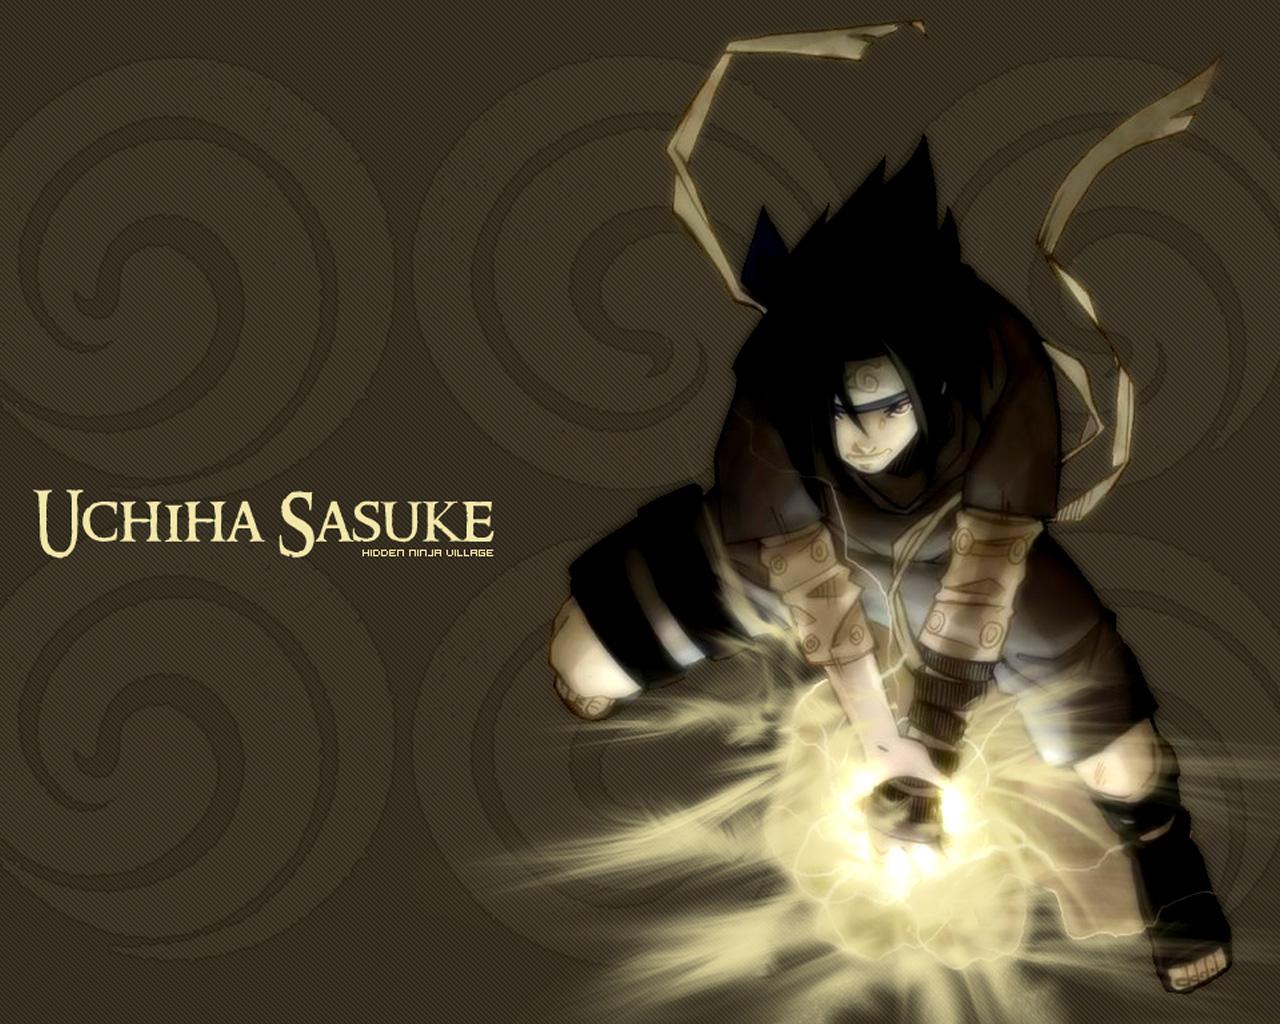 http://3.bp.blogspot.com/-Dm_A50KINj4/ToftGV_hOII/AAAAAAAAARI/eLOsNwJv7o4/s1600/Uchiha-Sasuke-5.jpg